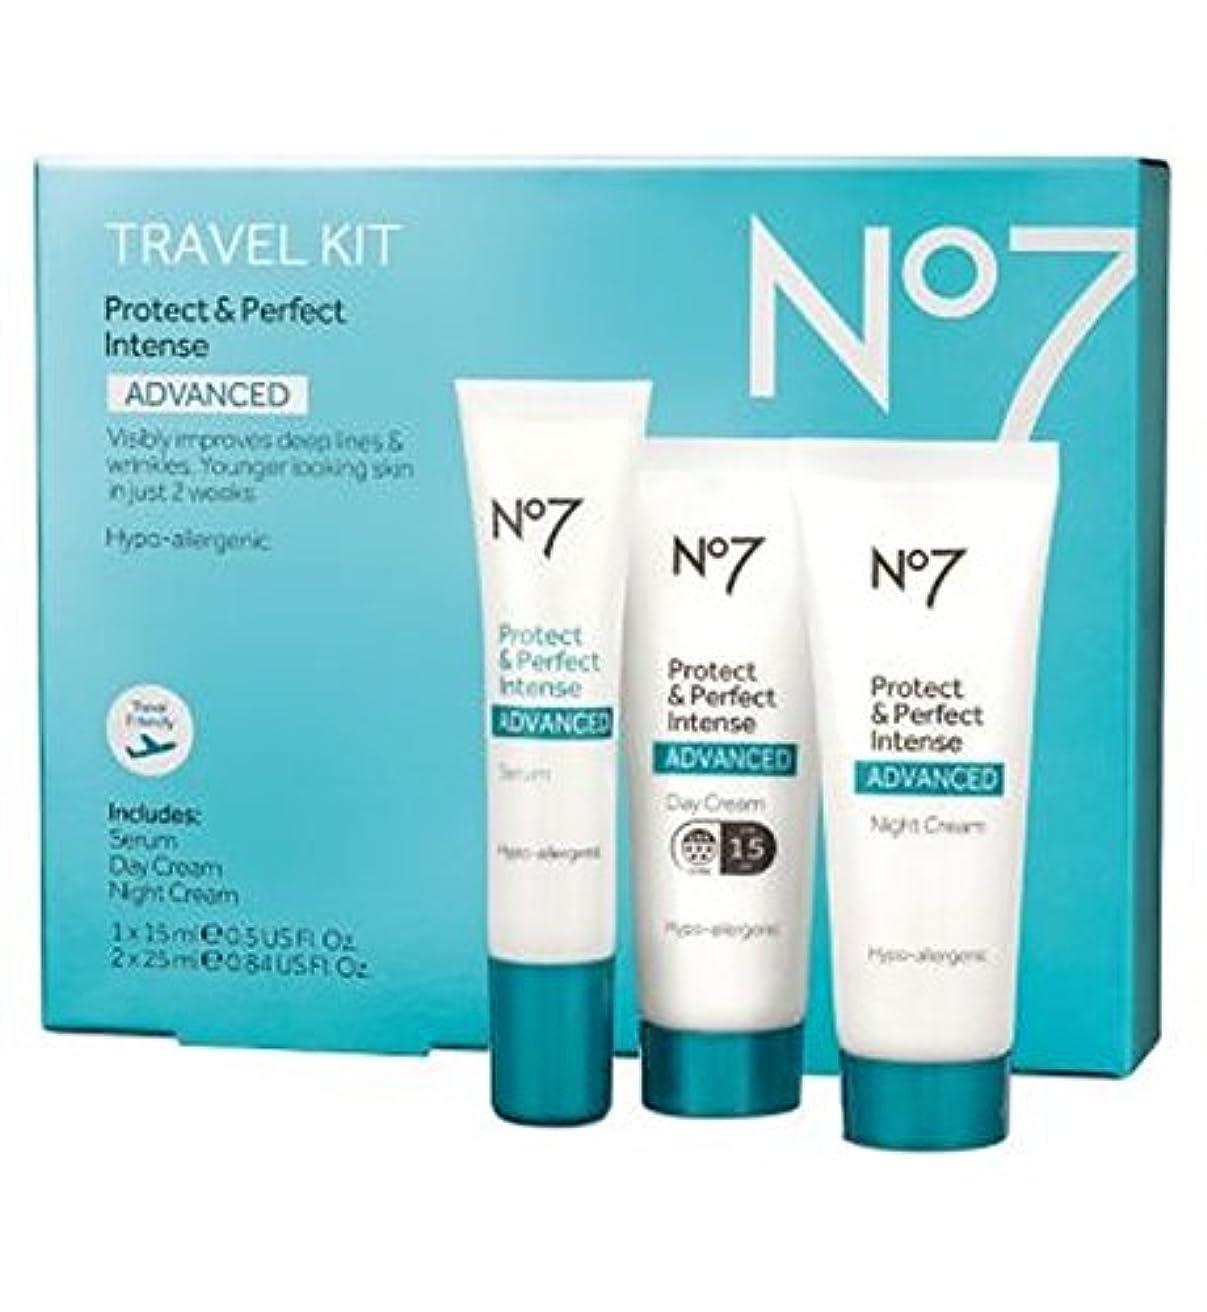 庭園ナース予想外No7 Protect & Perfect Intense ADVANCED Travel Kit - No7保護&完璧な強烈な高度な旅行キット (No7) [並行輸入品]